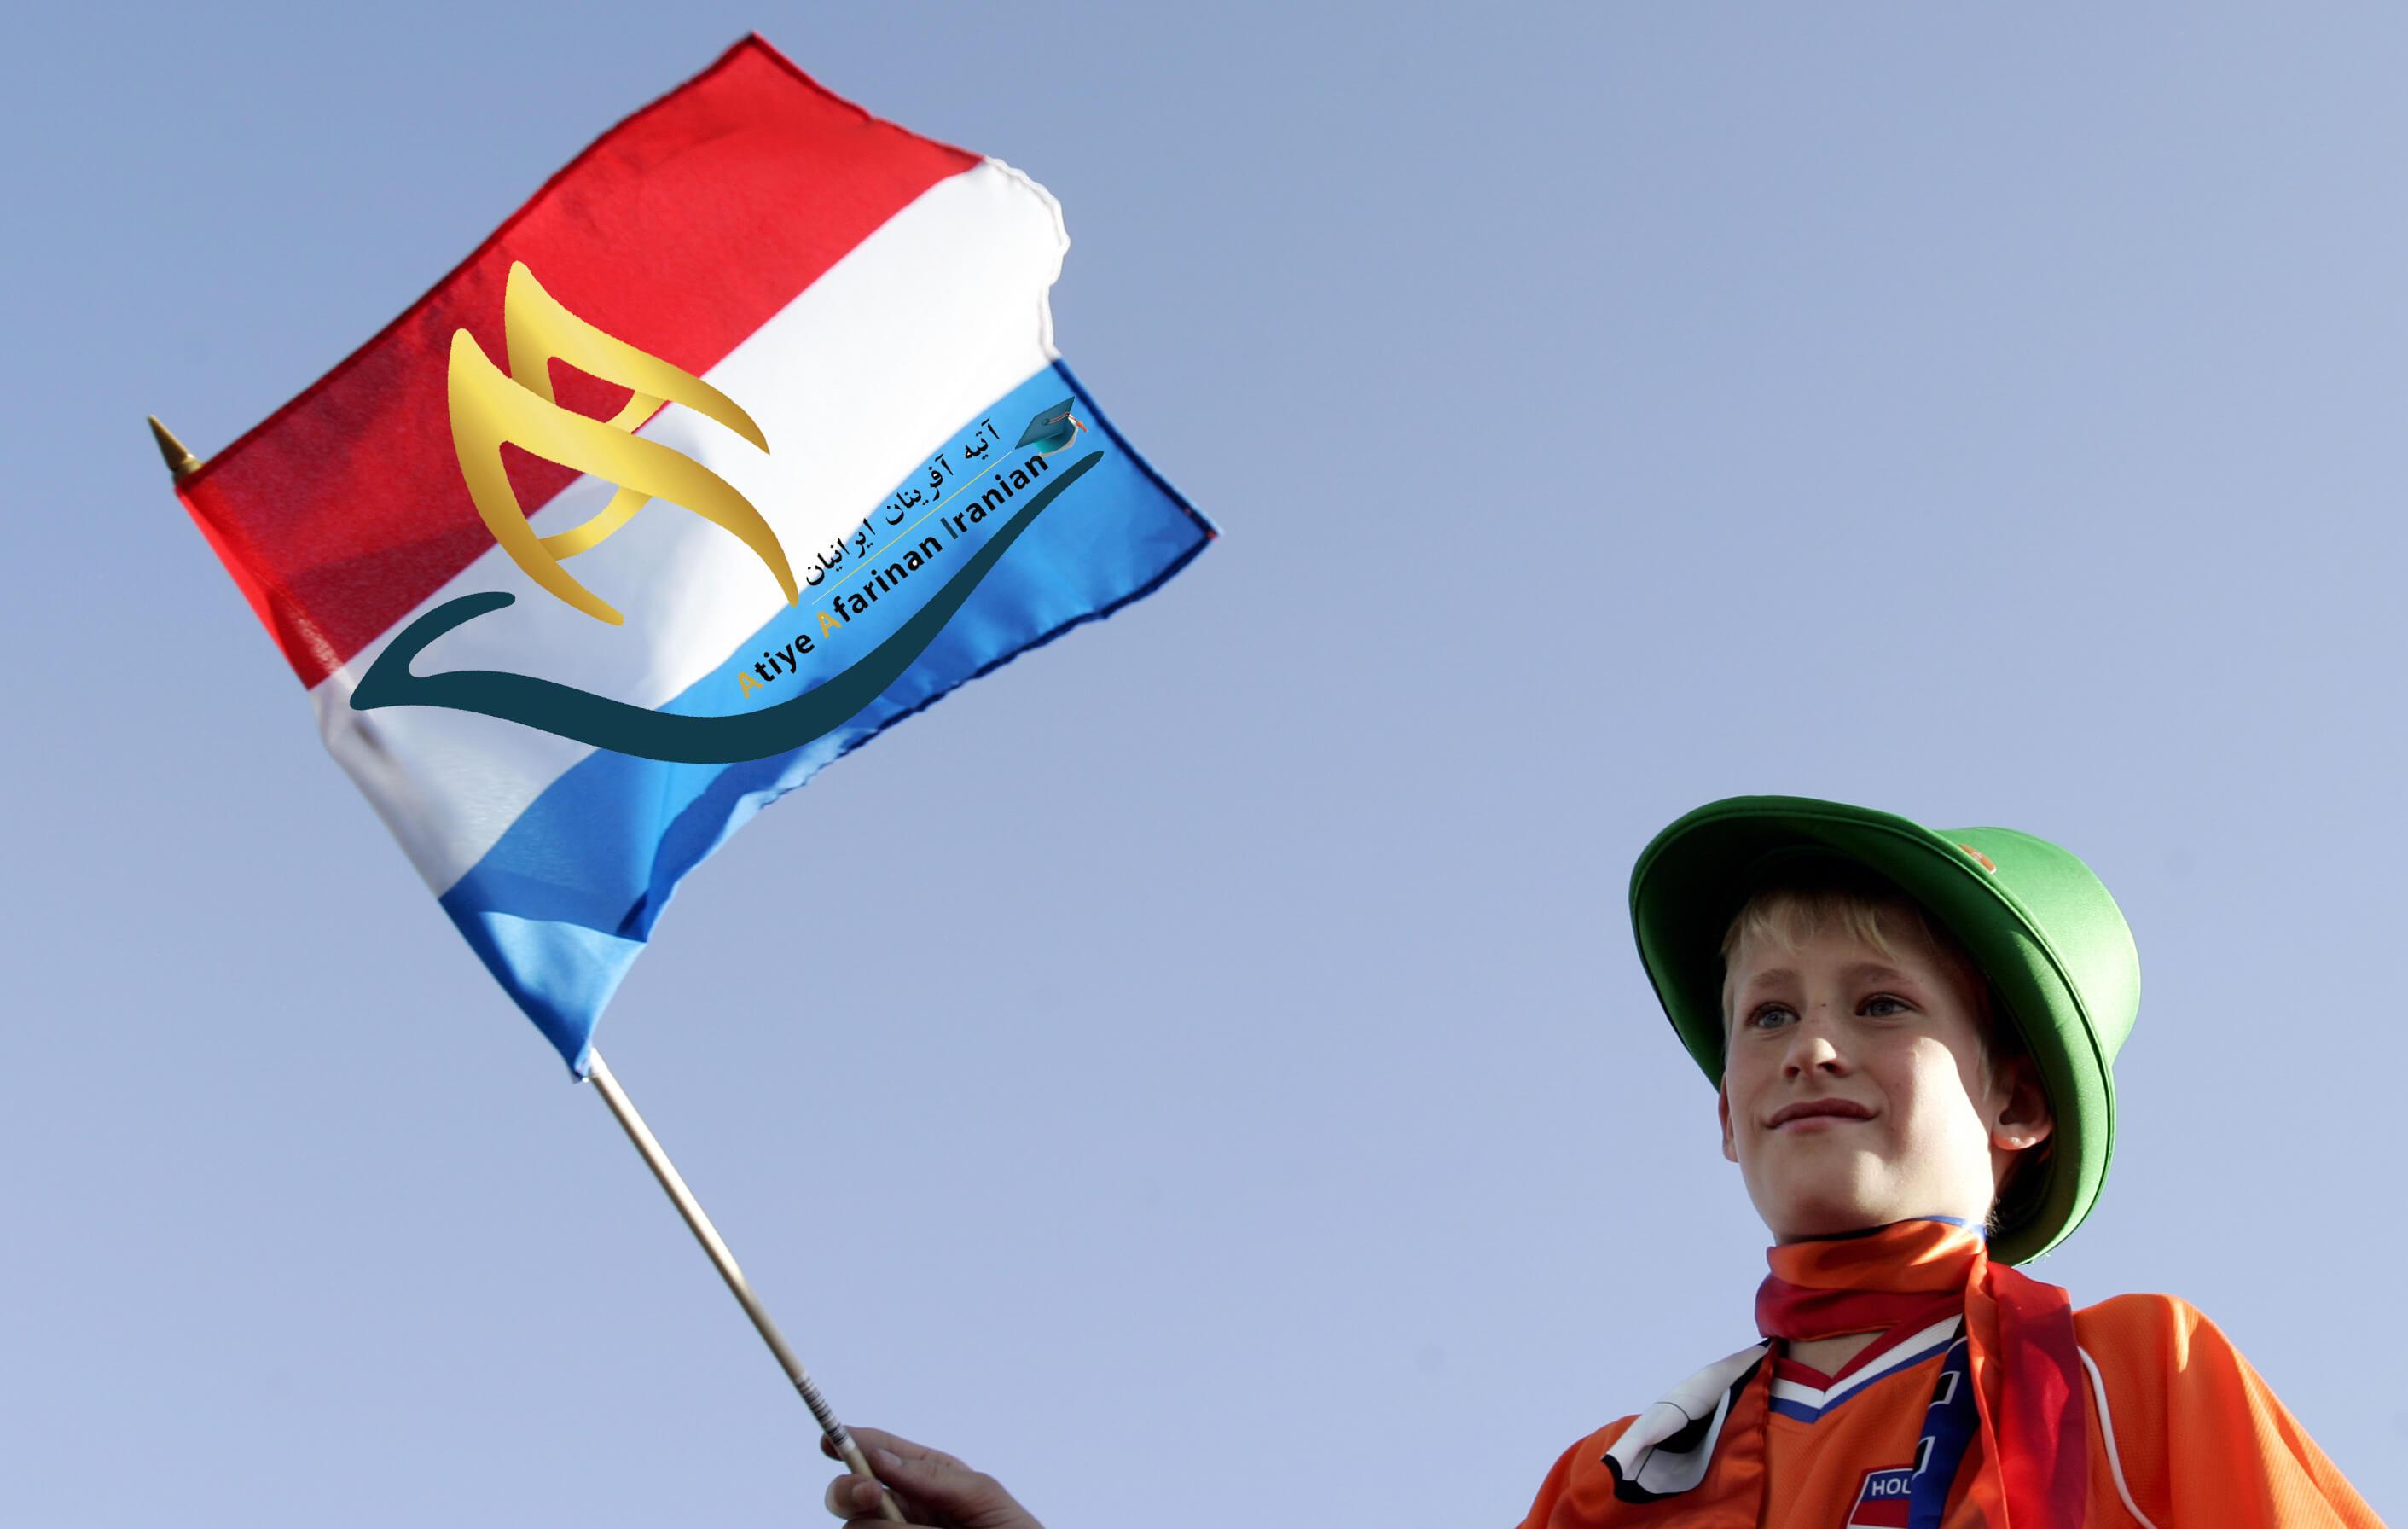 اطلاعات کشور هلند